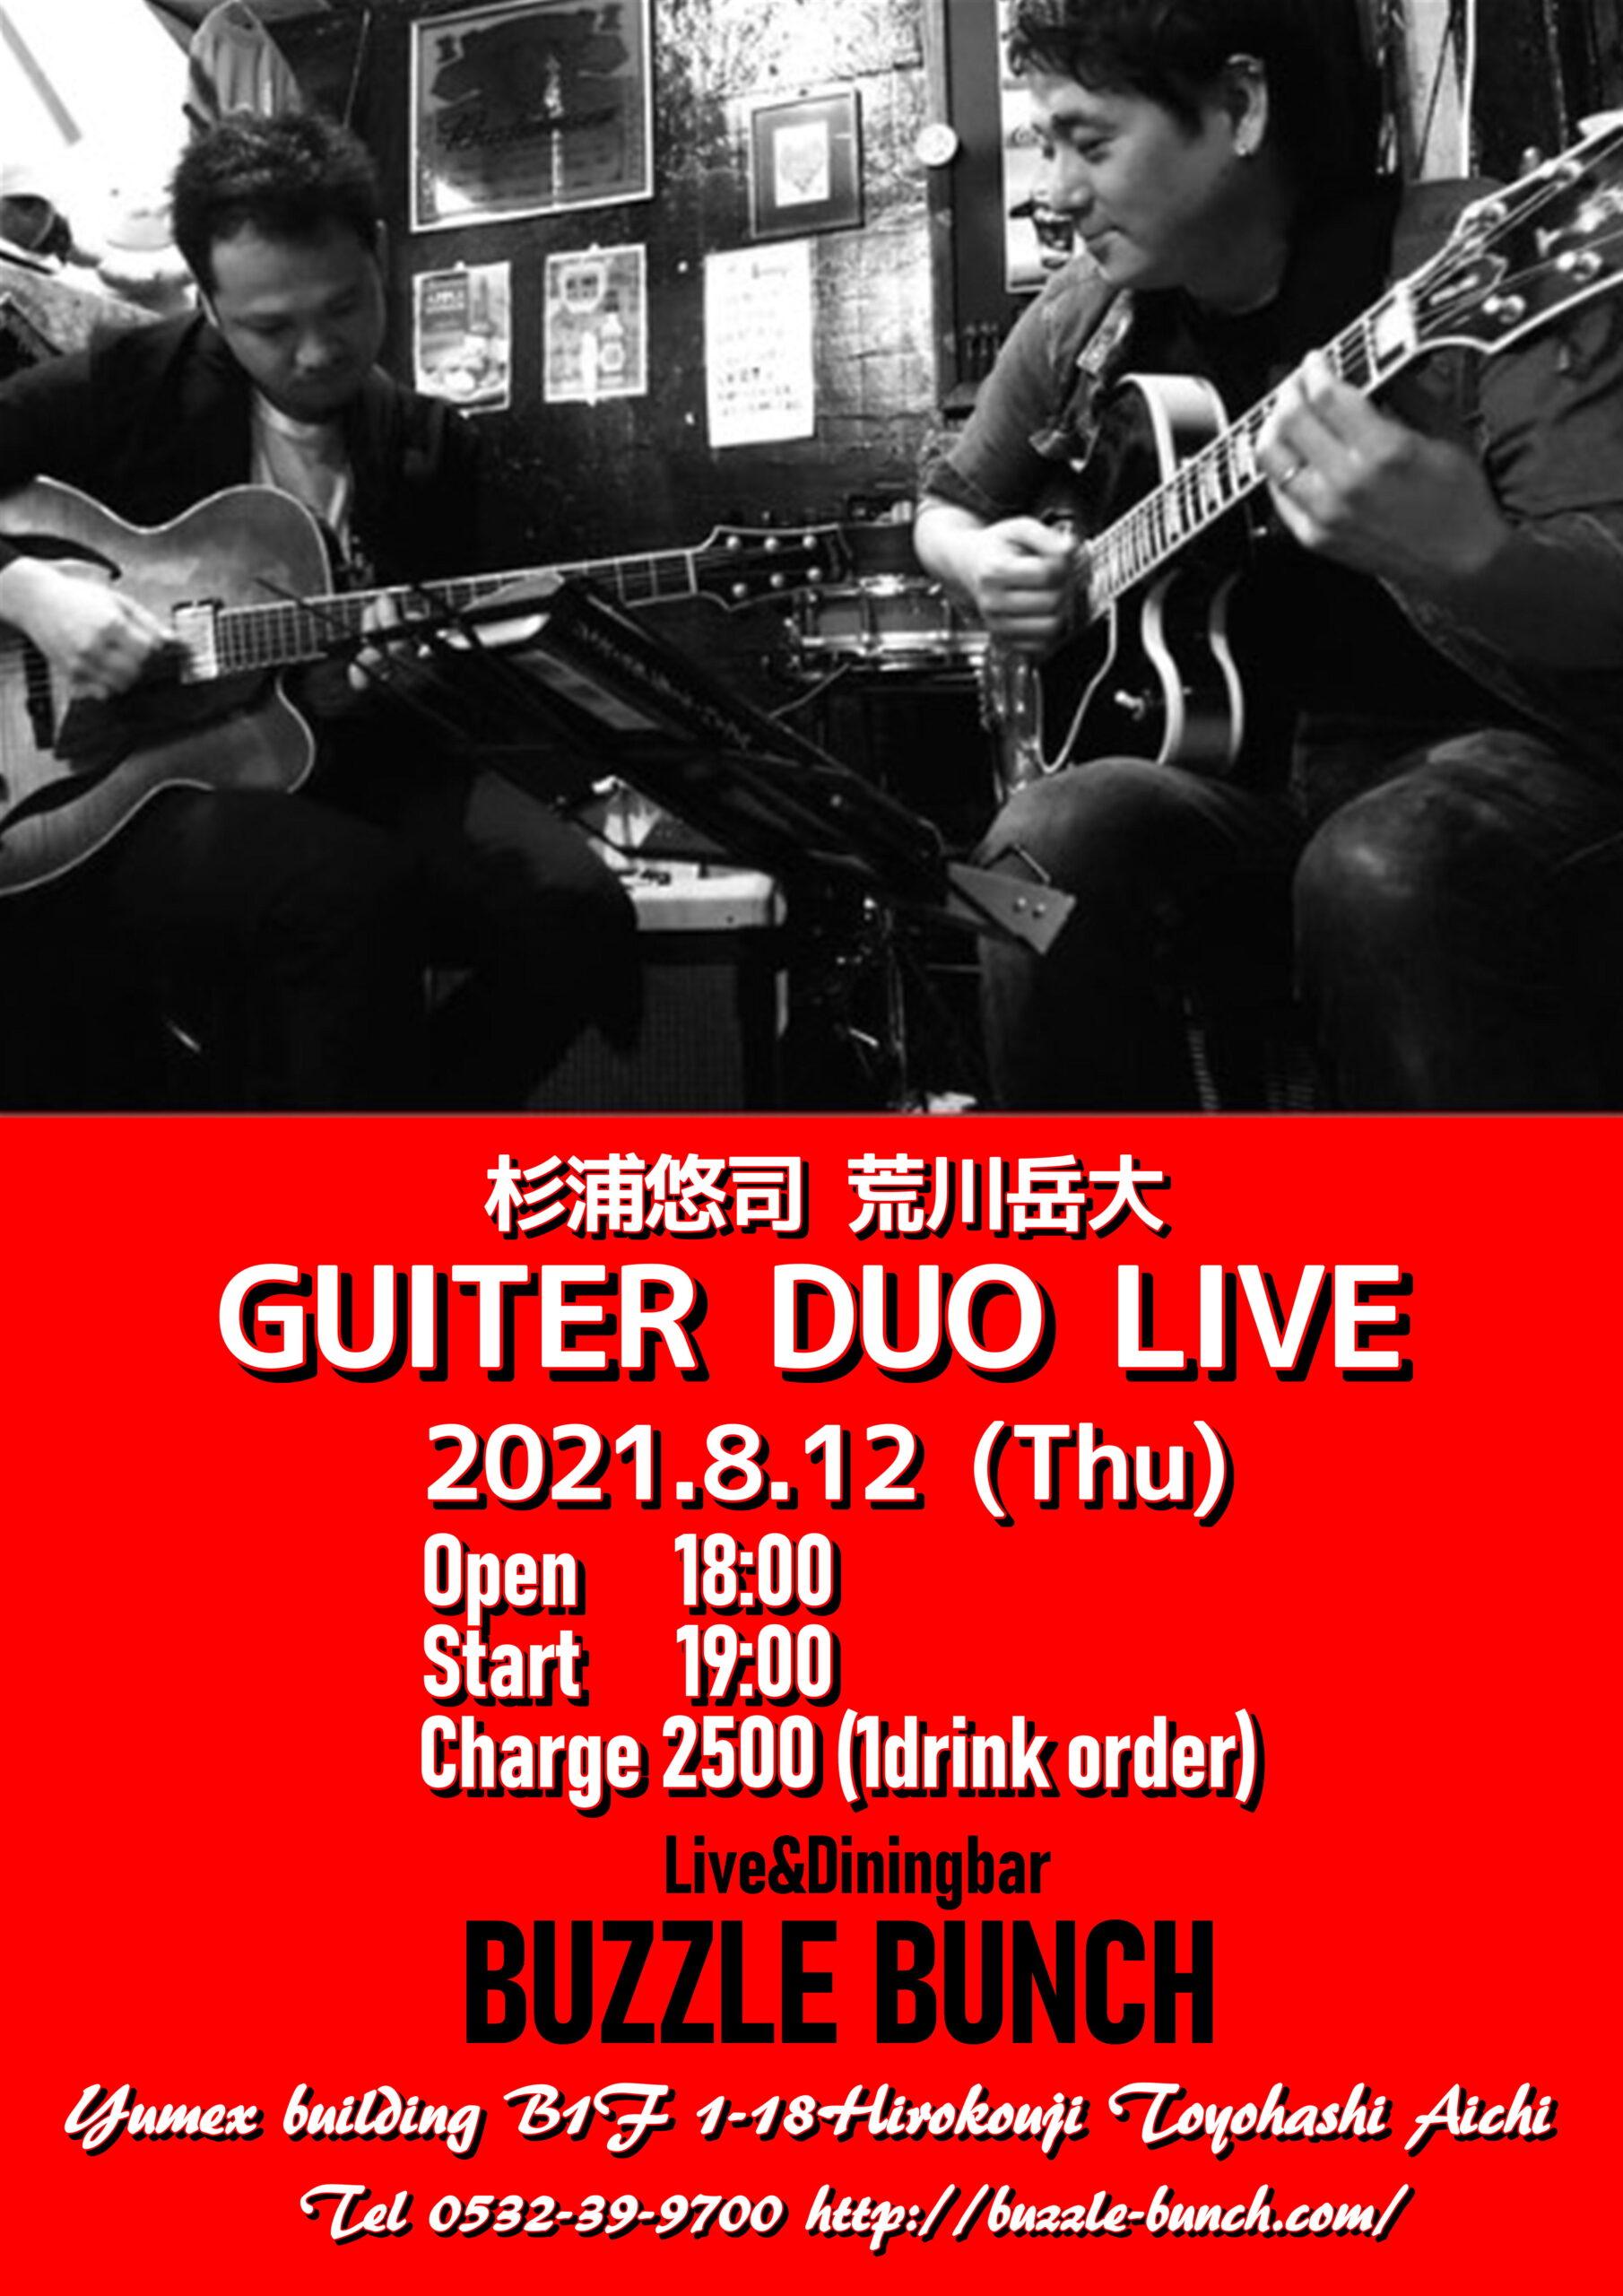 2021年8月12日(木) 杉浦悠司&荒川岳大 Guiter DuoLIVE